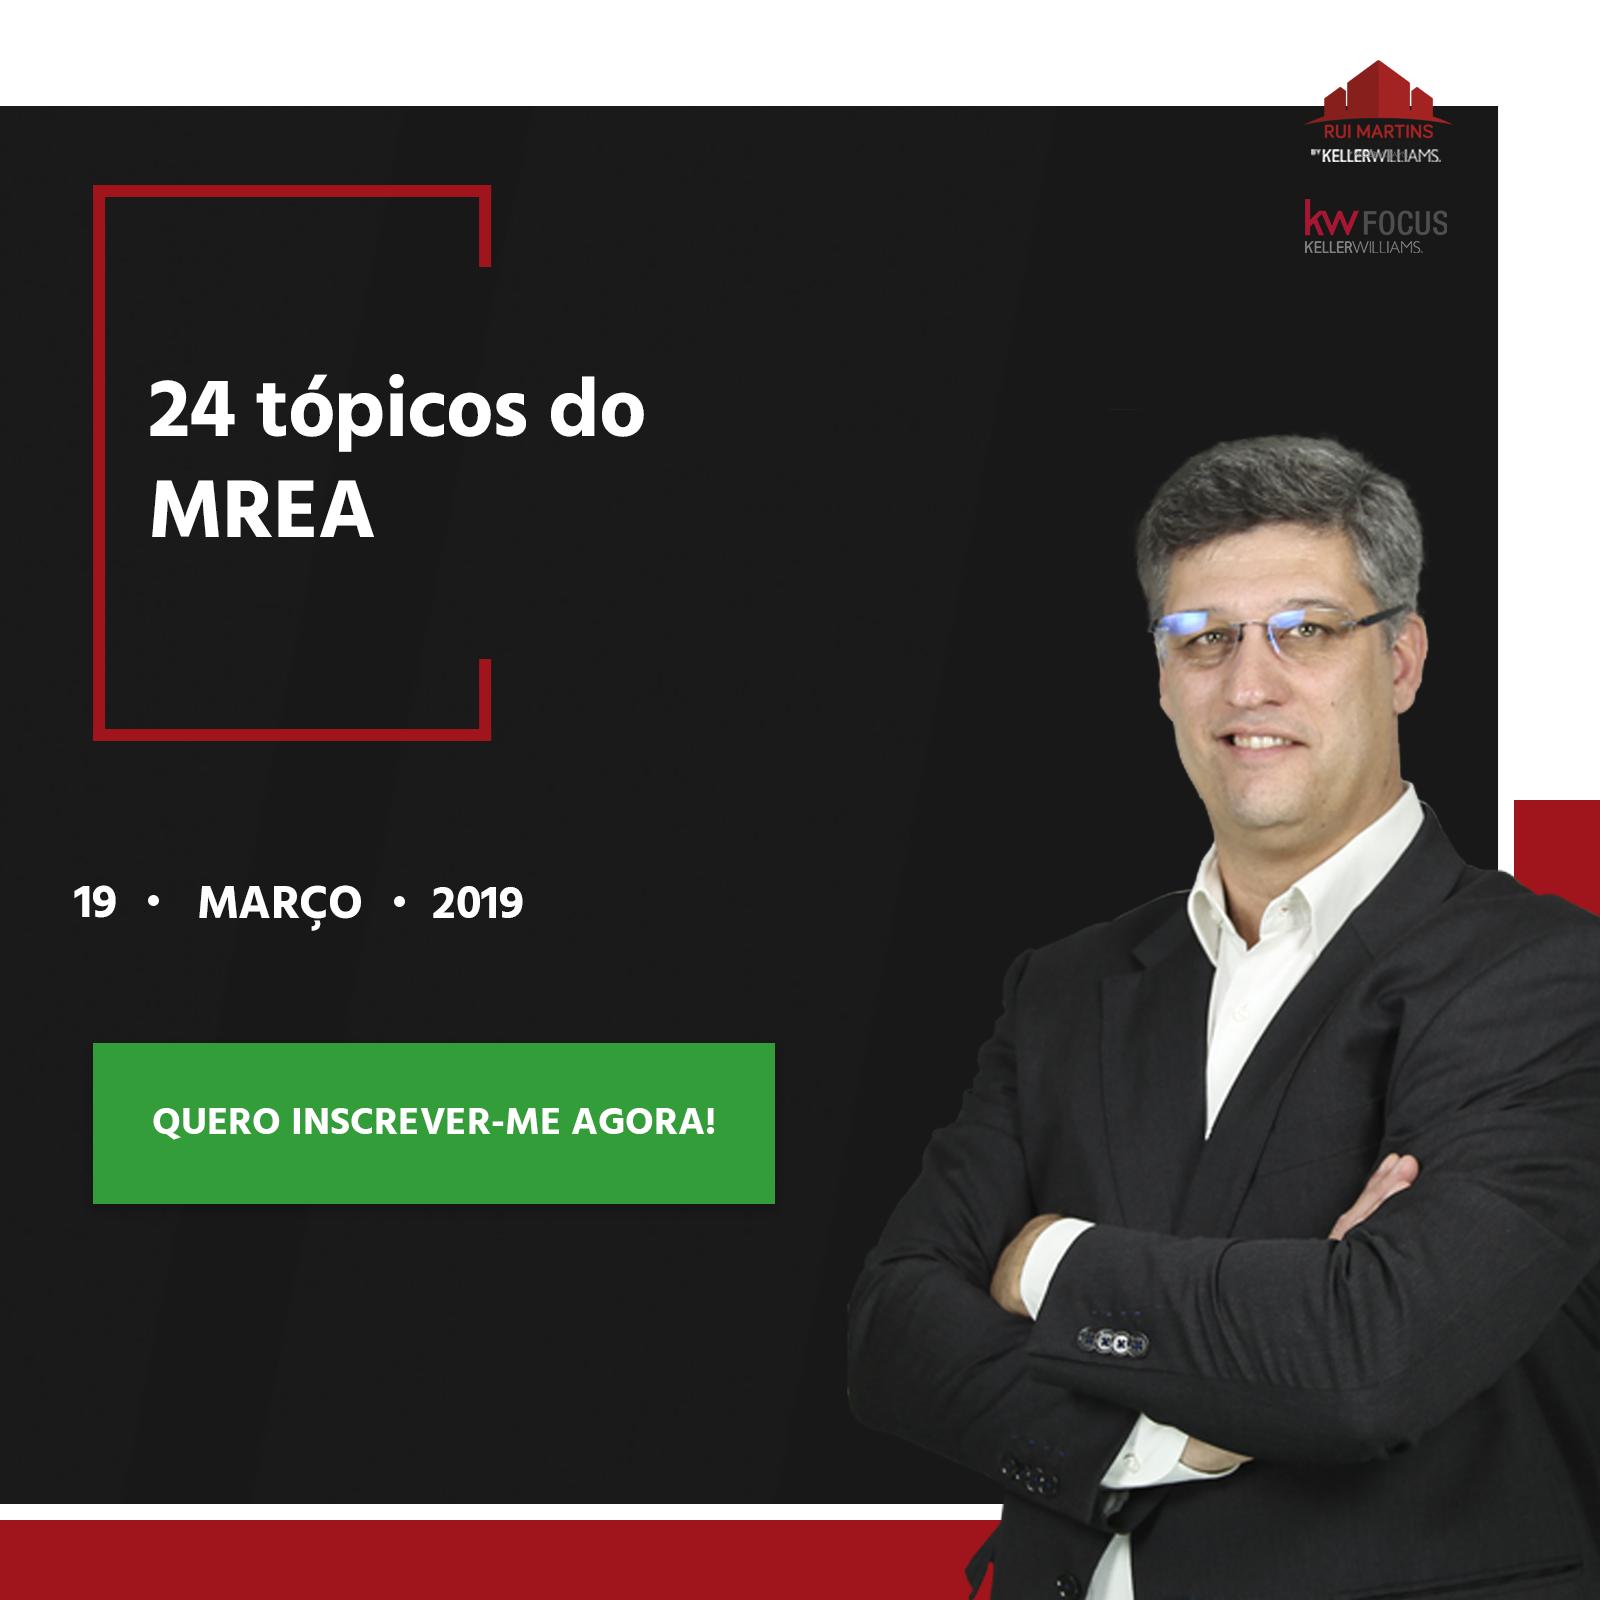 evento_19 MARÇO